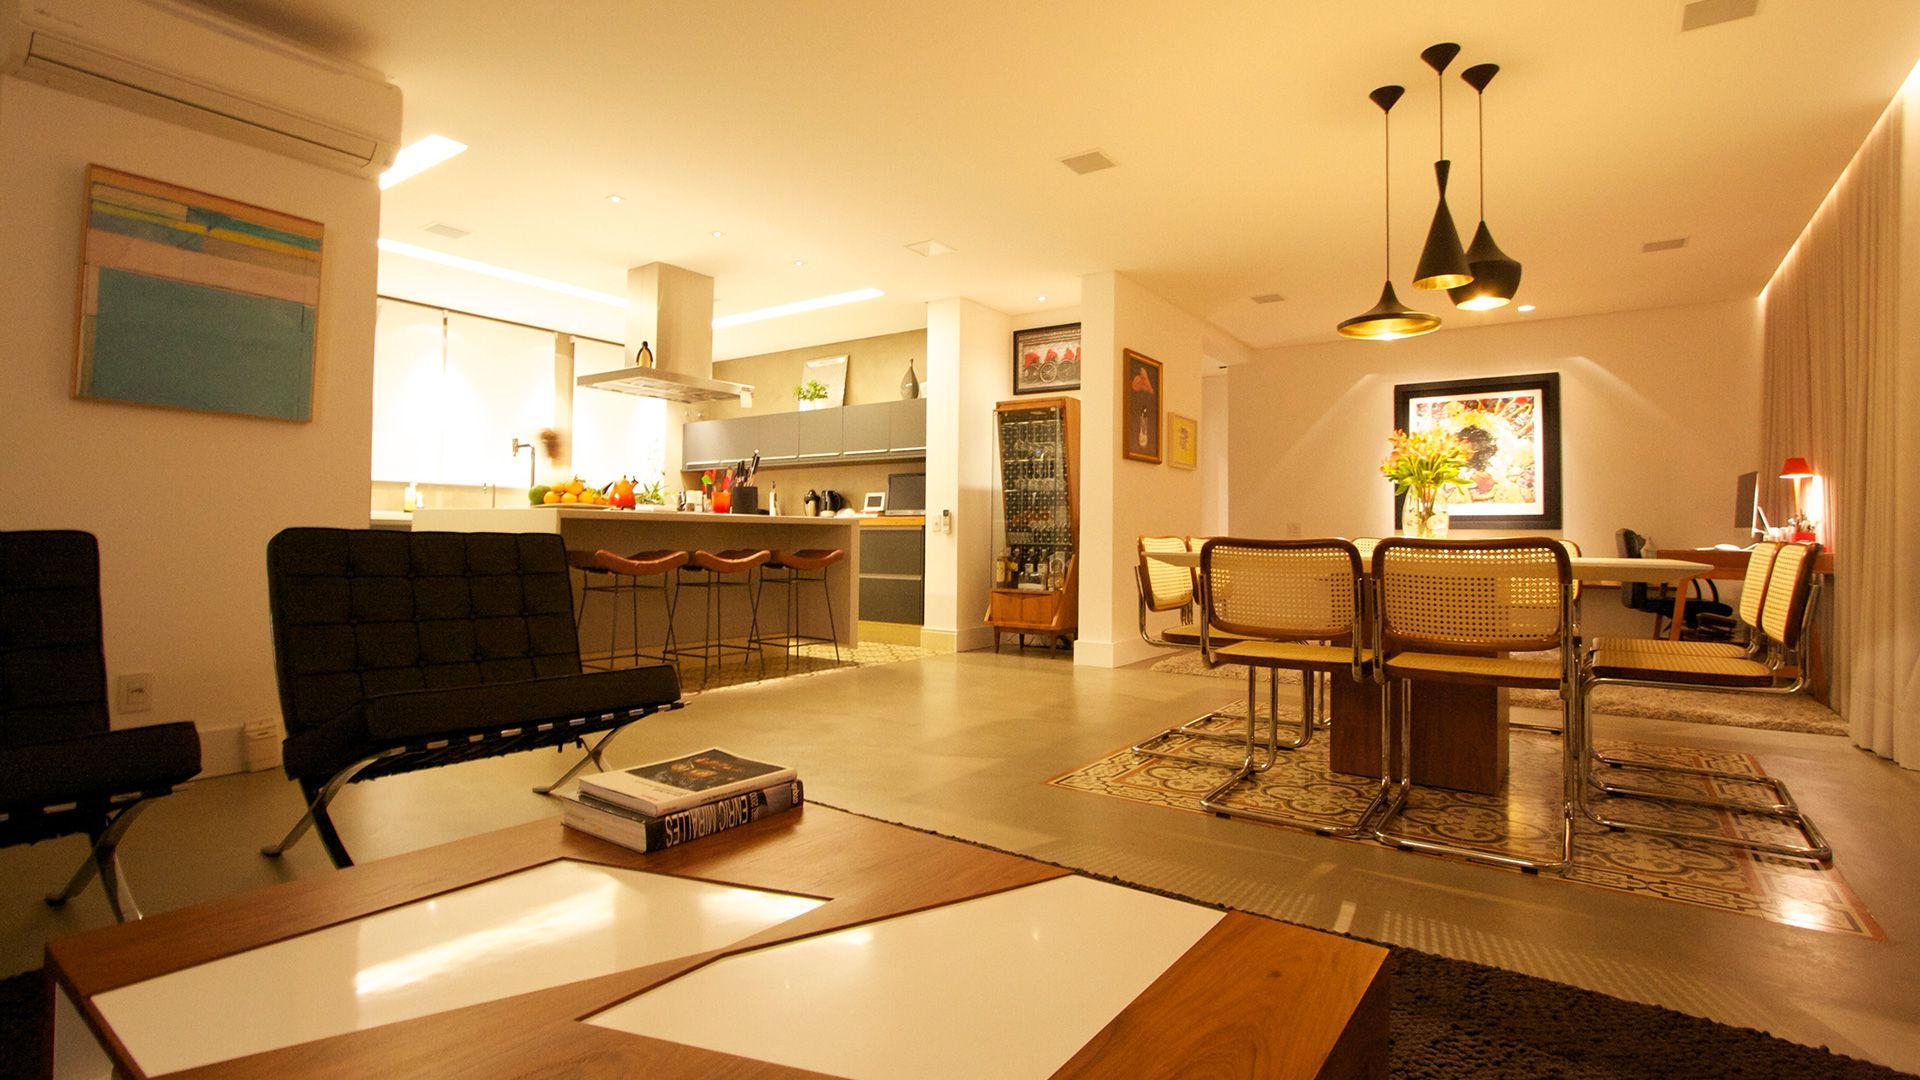 apto-analia-franco-foto-sala-de-estar-jantar-e-cozinha-01